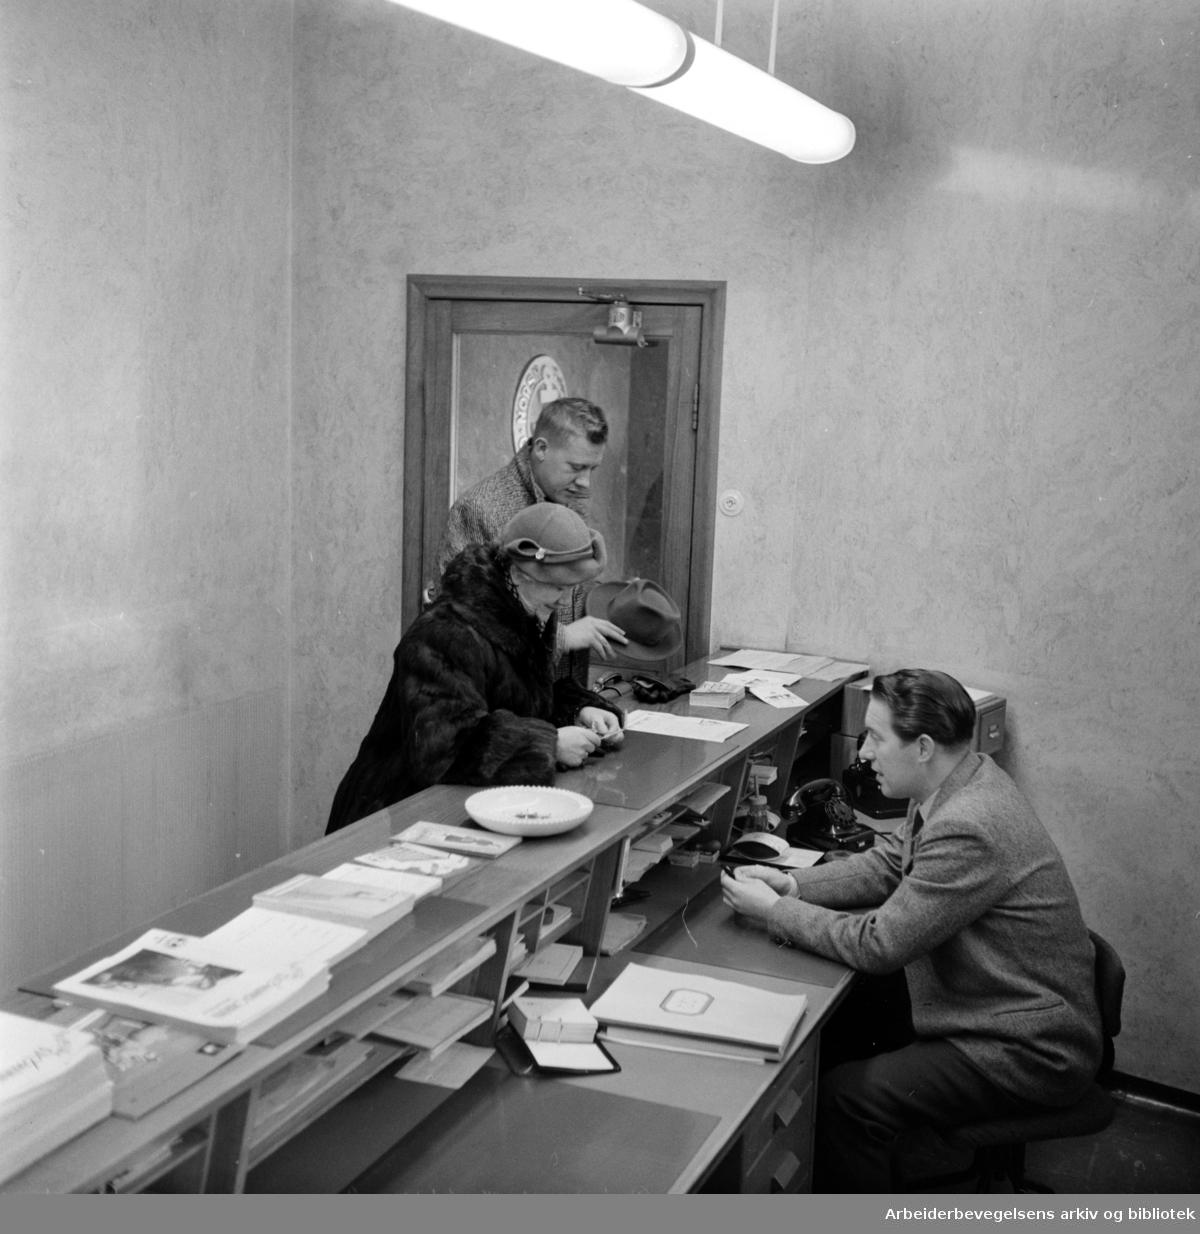 Sjømennenes Hus, interiører. Ekspedisjonen. Januar 1958.